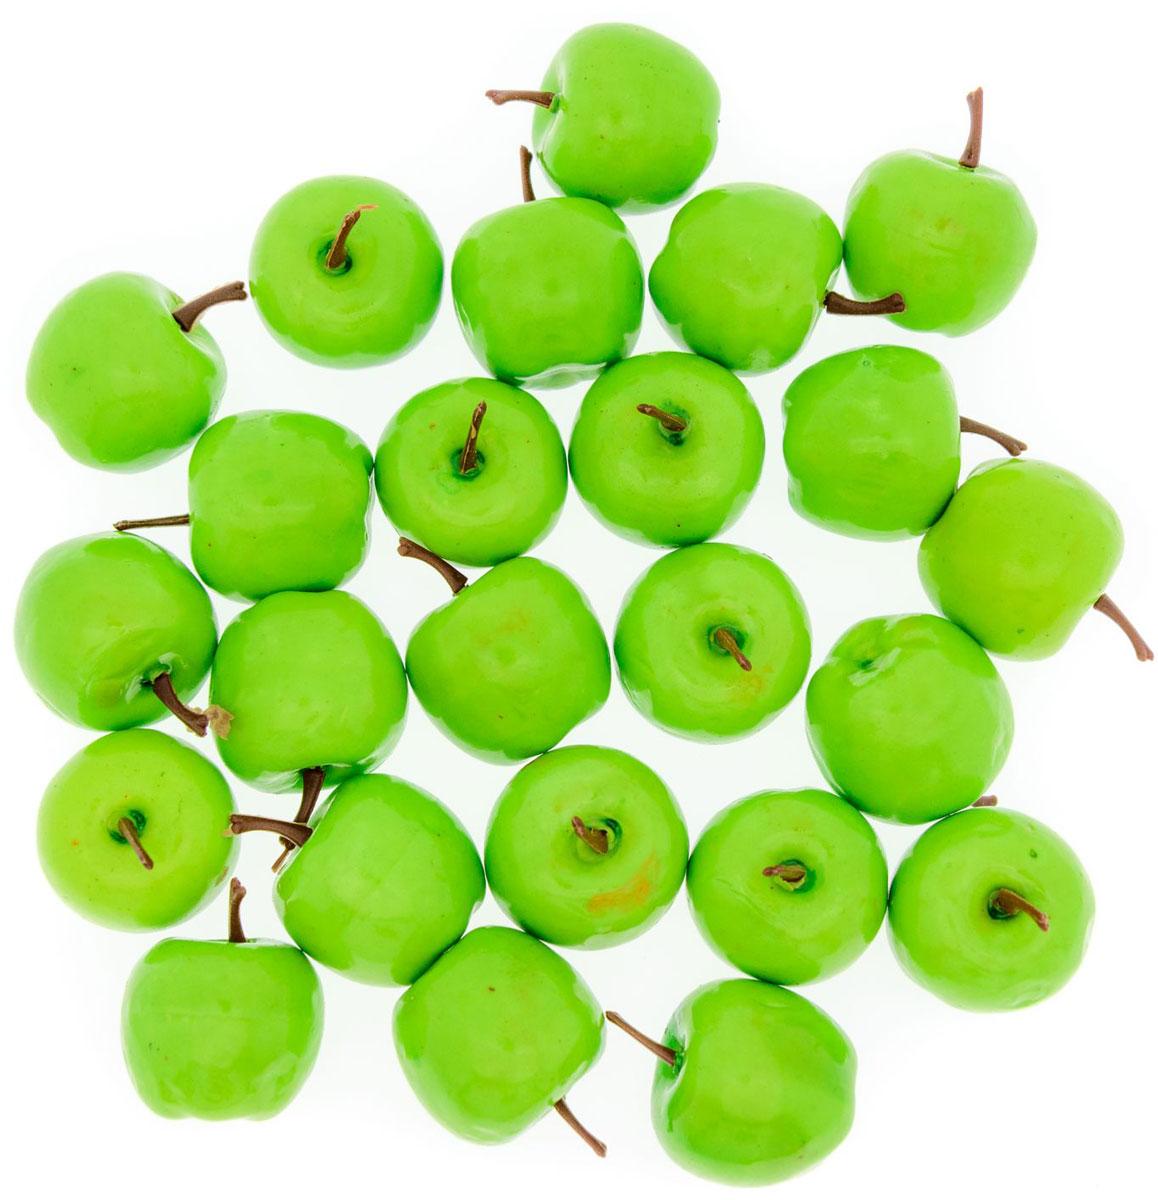 Анданте Счетный материал Яблочки 24 элемента 282752 яблочки пятки купить